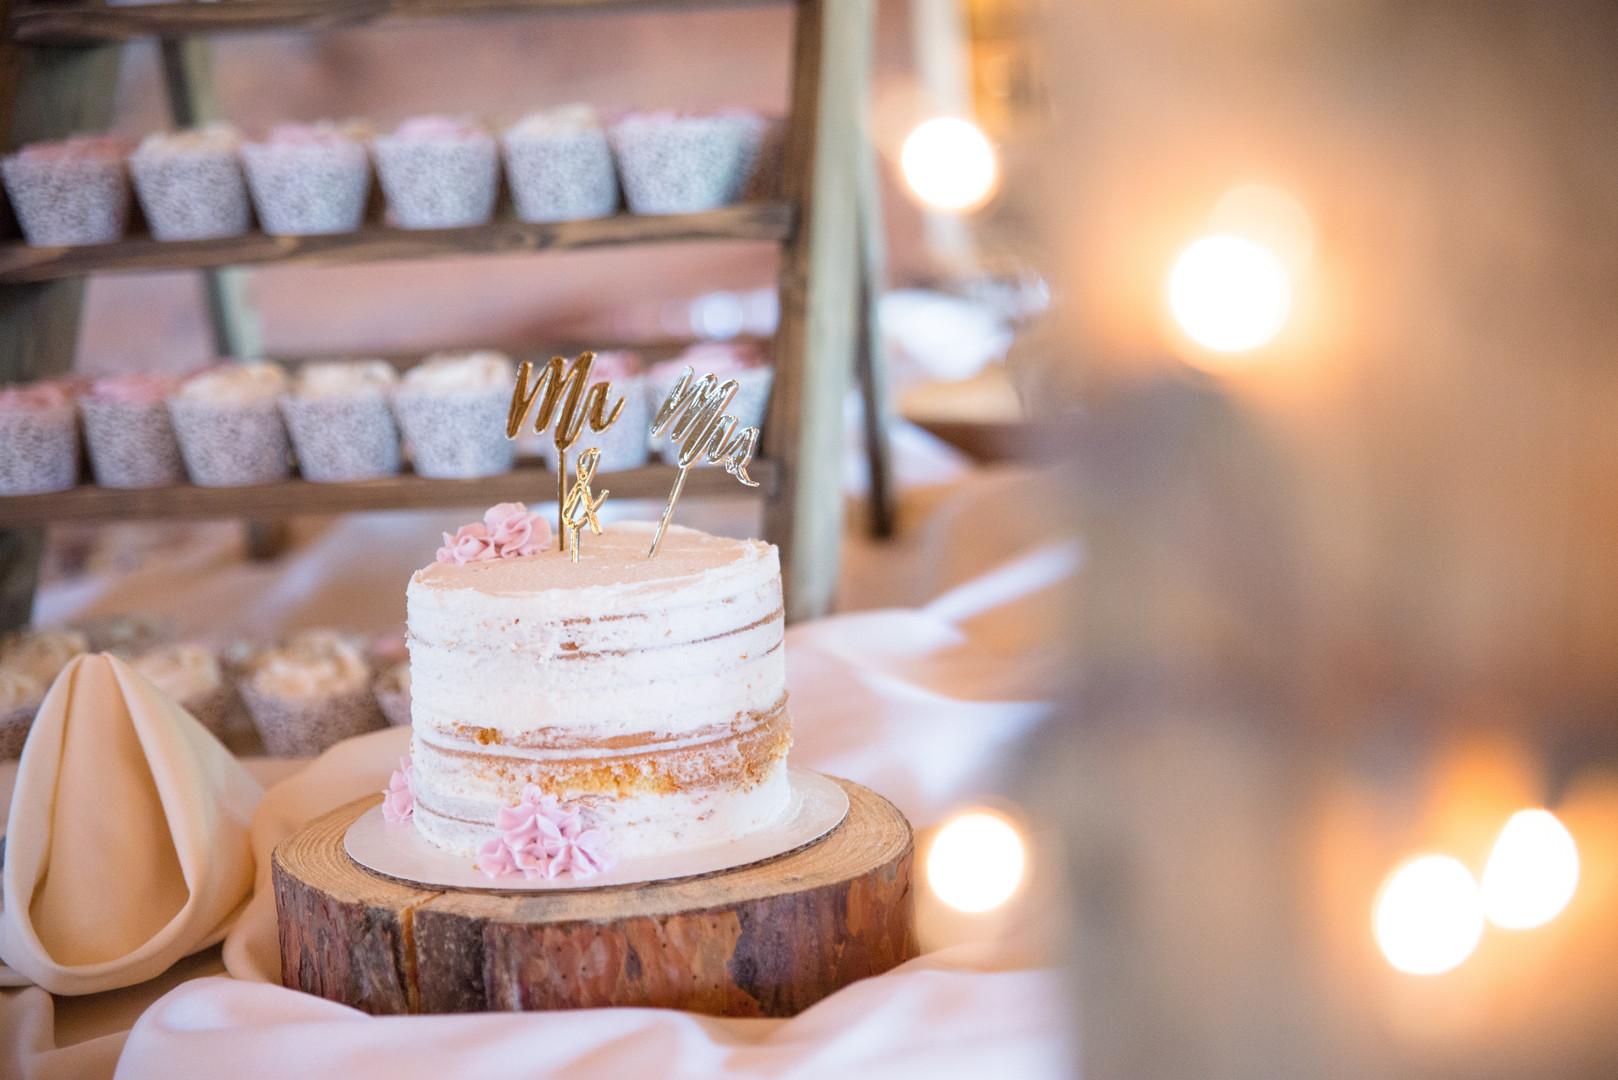 cake-celebration-dessert-1711300.jpg